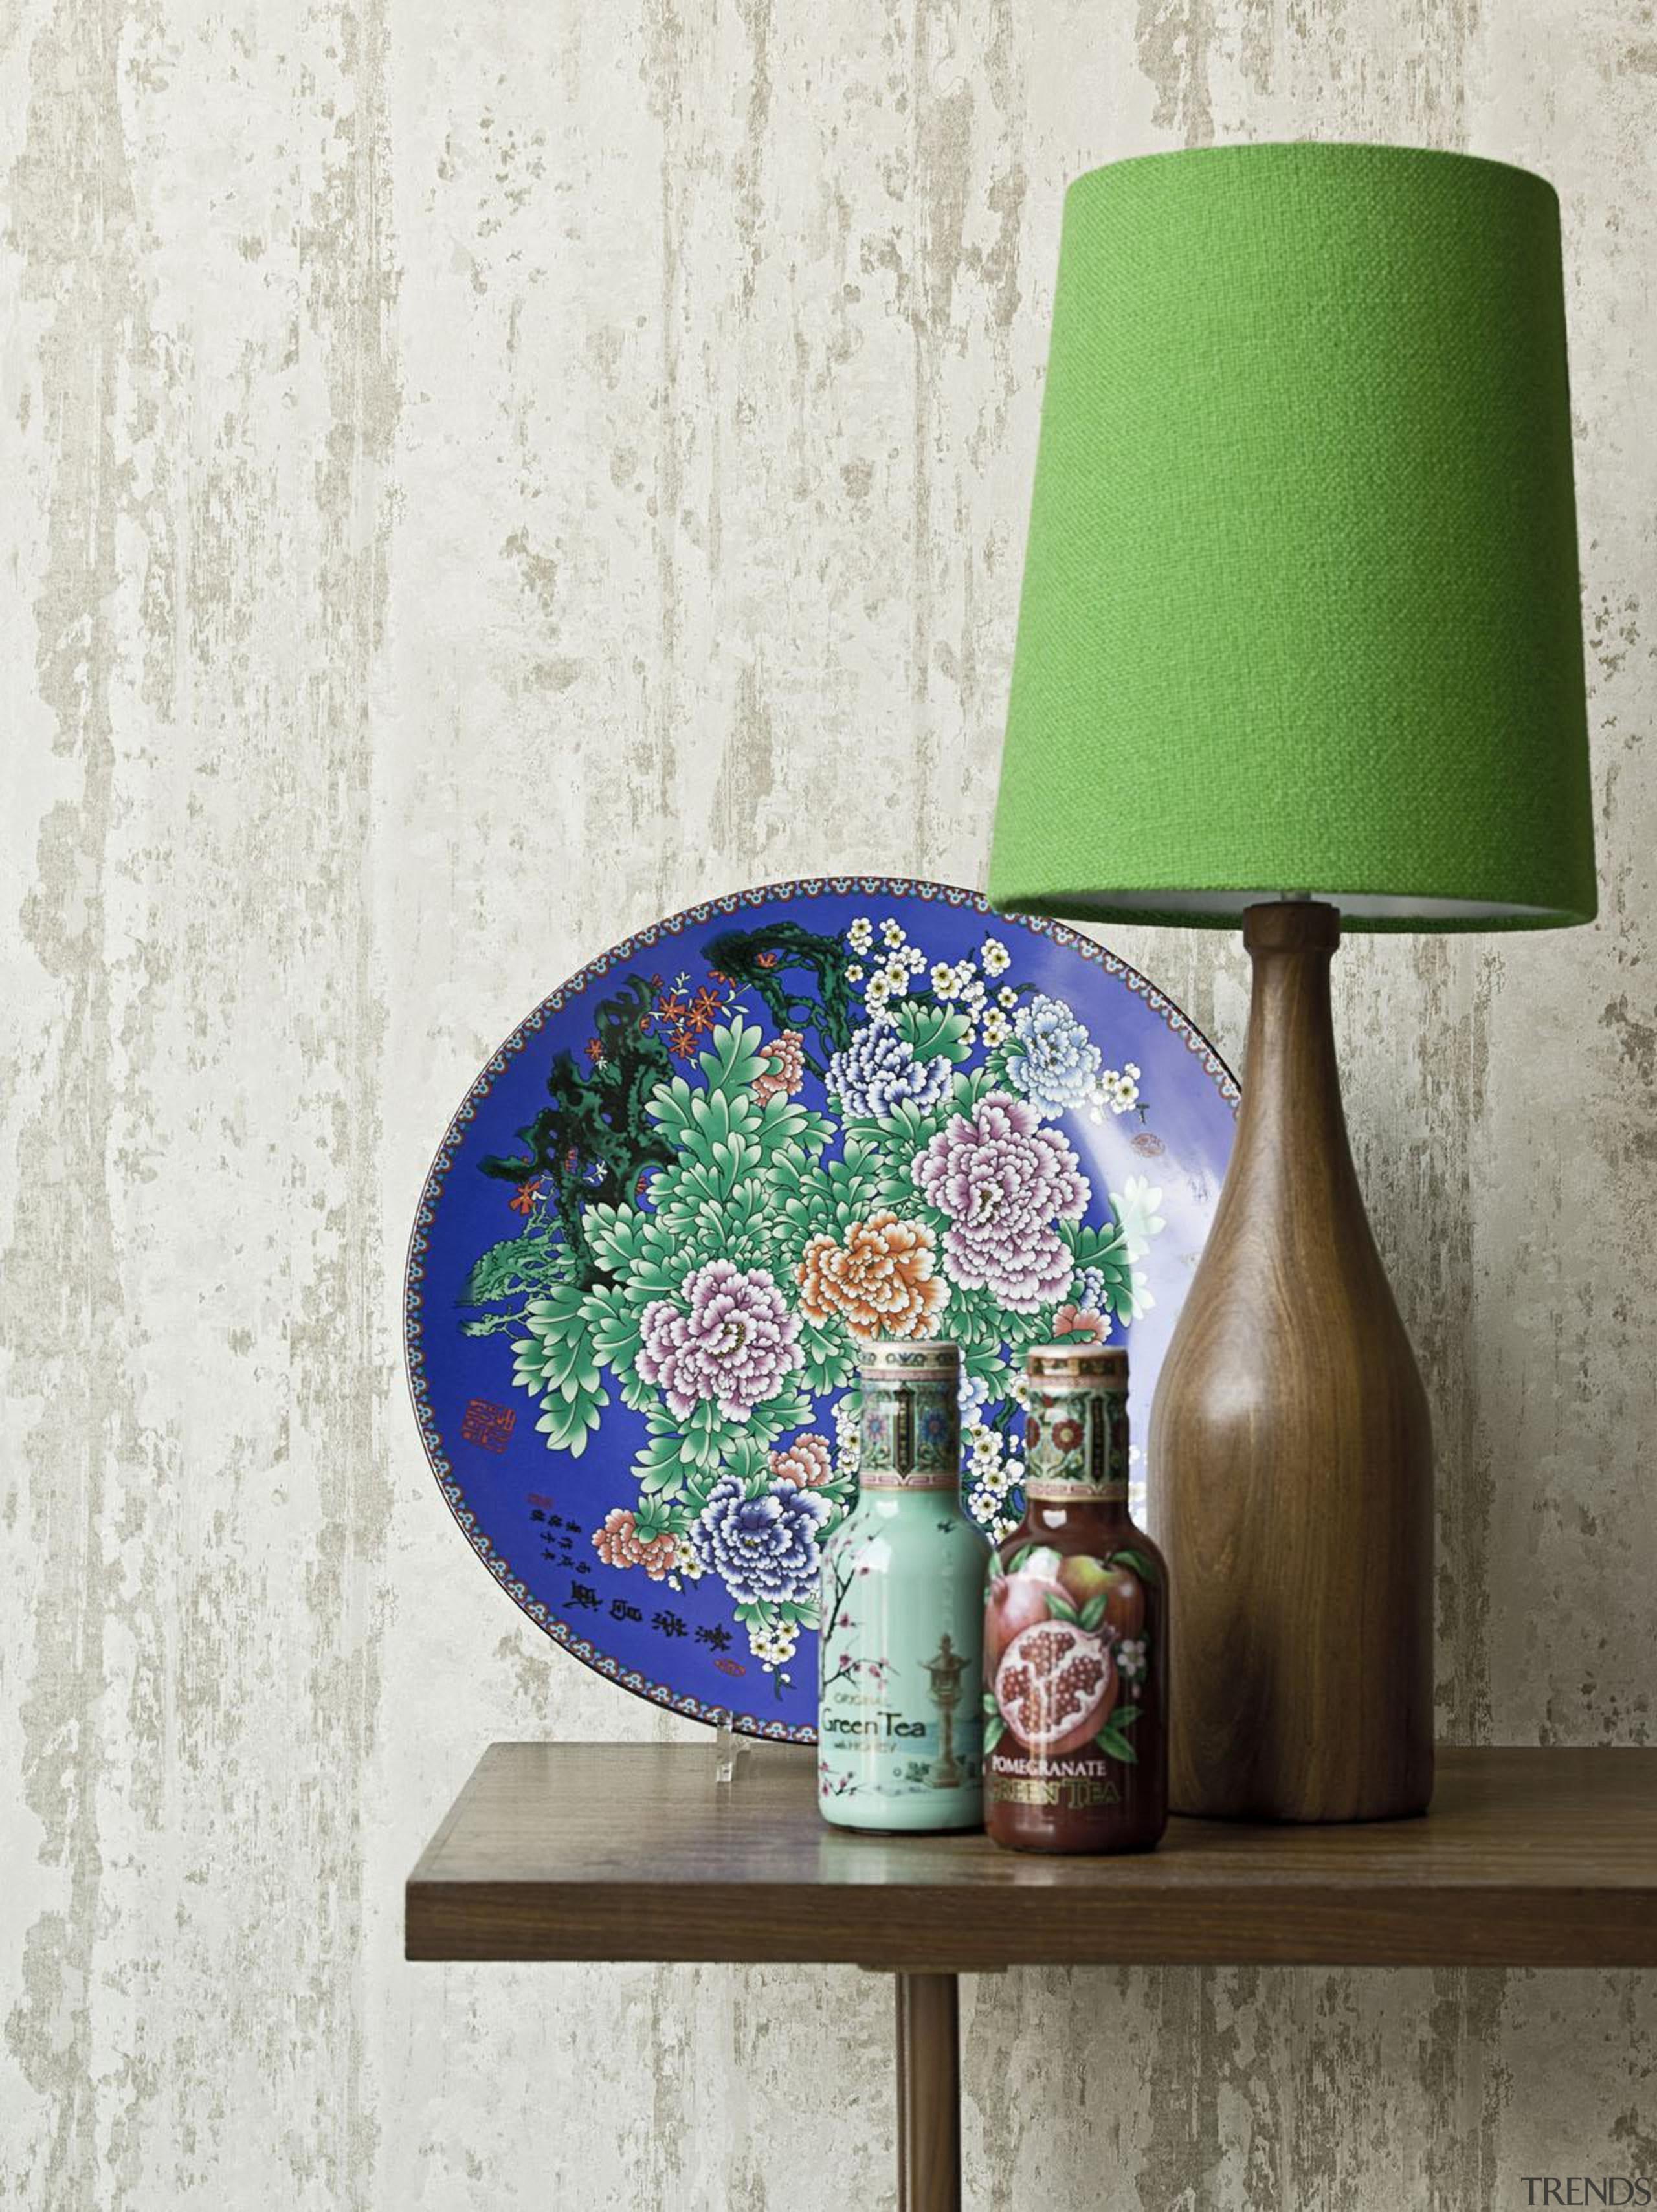 Elements Range - Elements Range - bottle   bottle, ceramic, drinkware, lampshade, lighting accessory, white